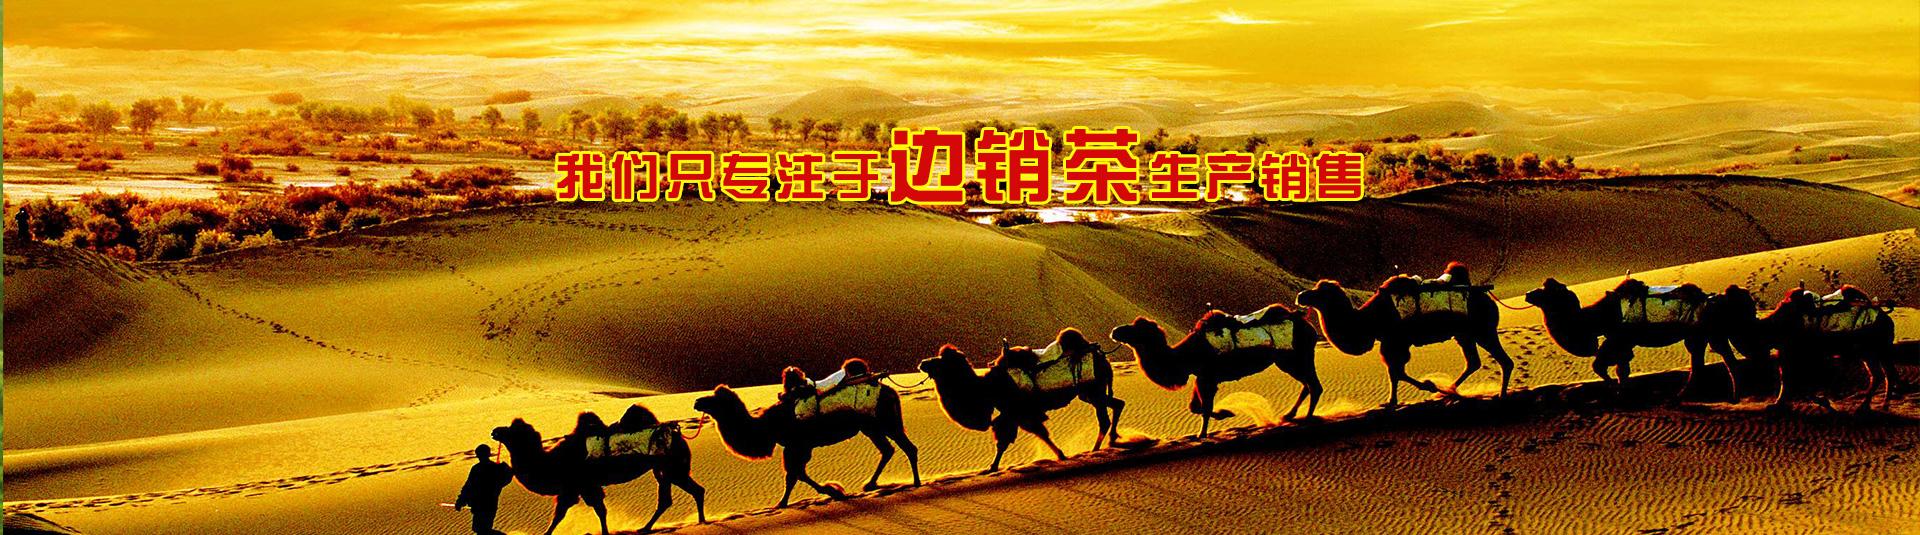 湖北茯砖茶生产厂家_湖北万和农业发展有限公司